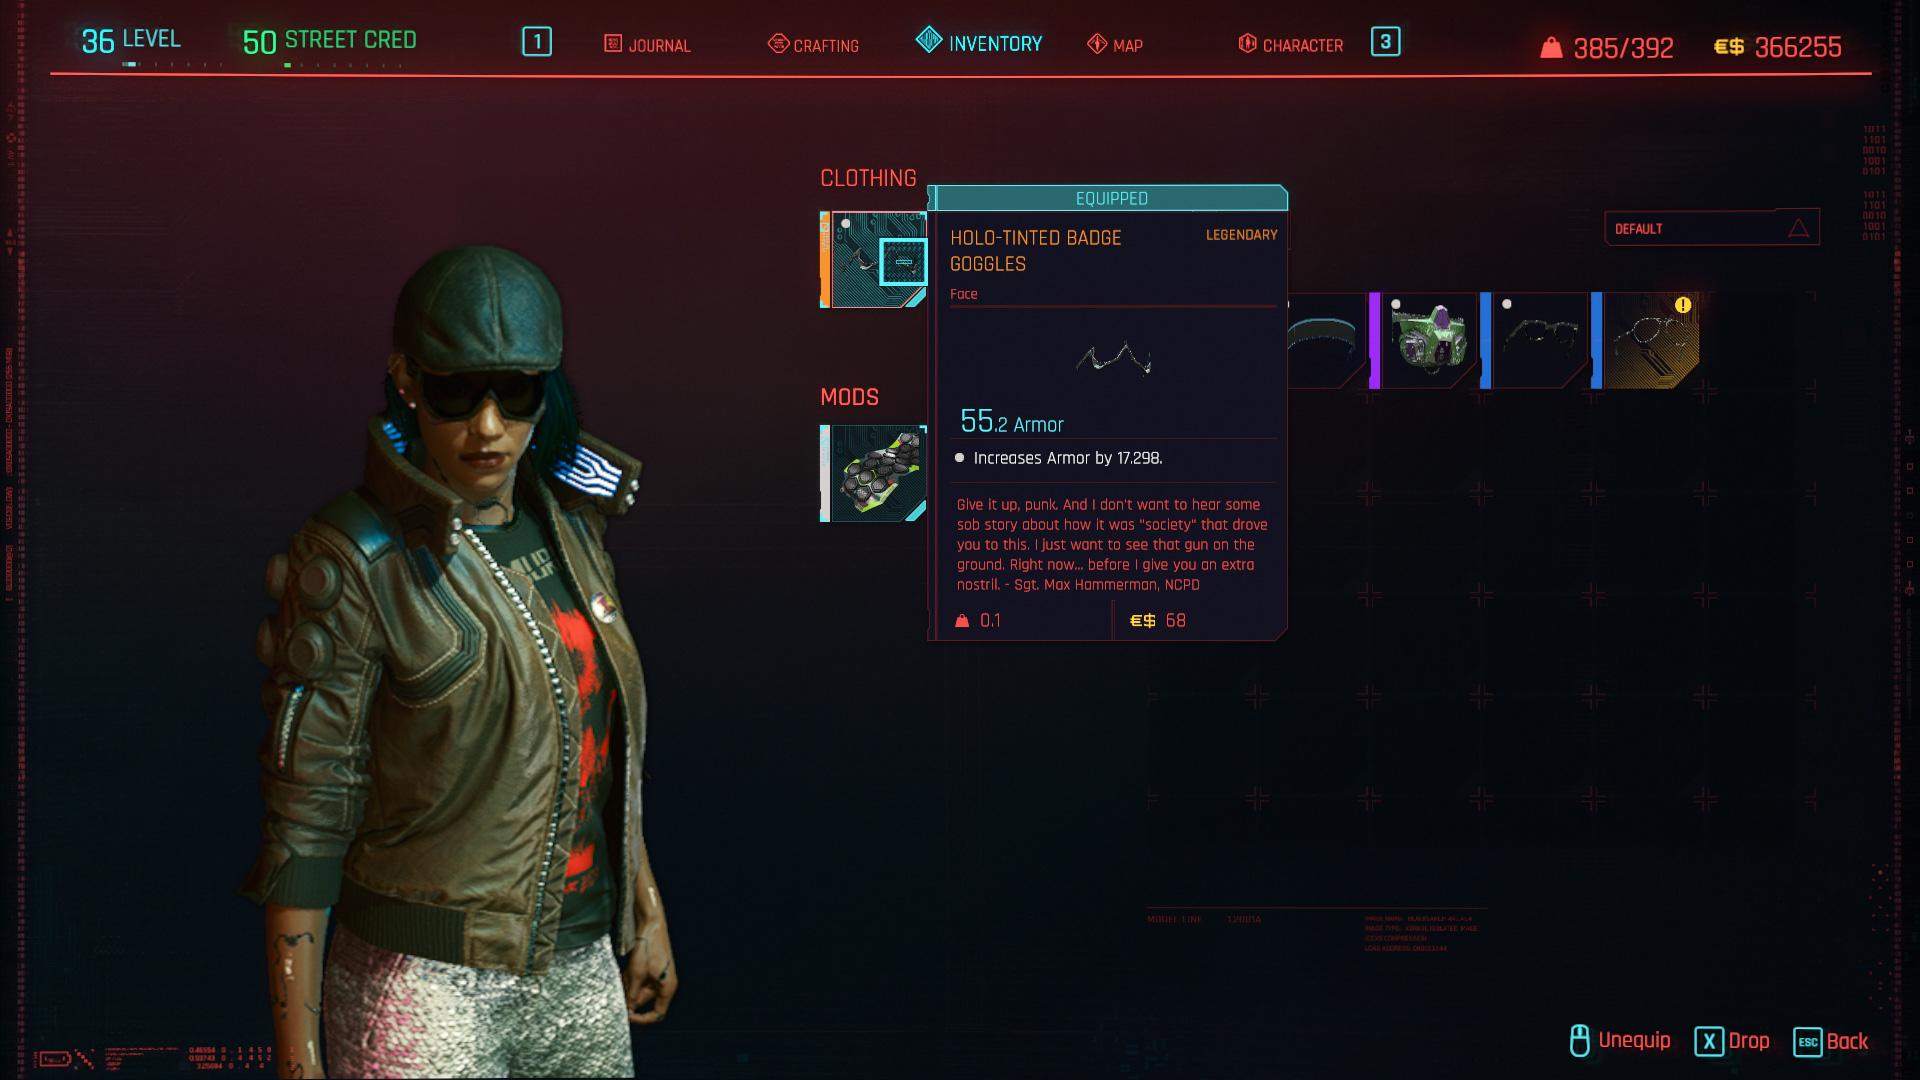 Tous les vêtements légendaires et emblématiques de Cyberpunk 2077 - Lunettes de protection avec badge teinté Holo